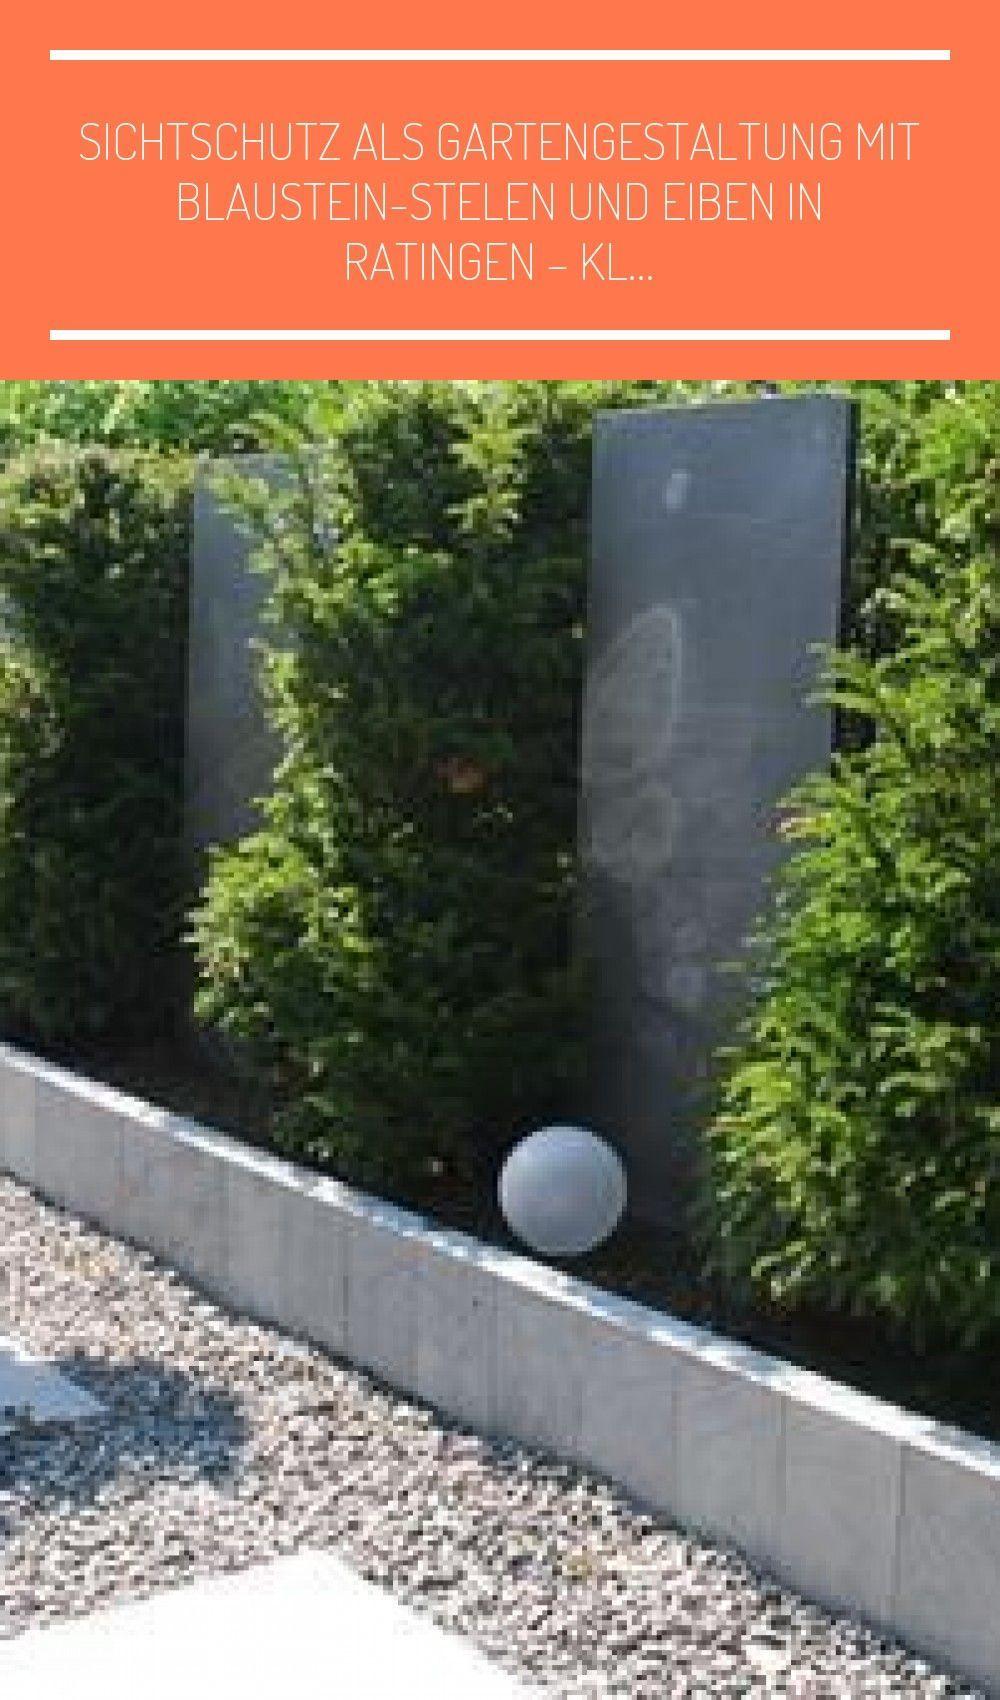 Sichtschutz Als Gartengestaltu In 2020 Gartengestaltung Garten